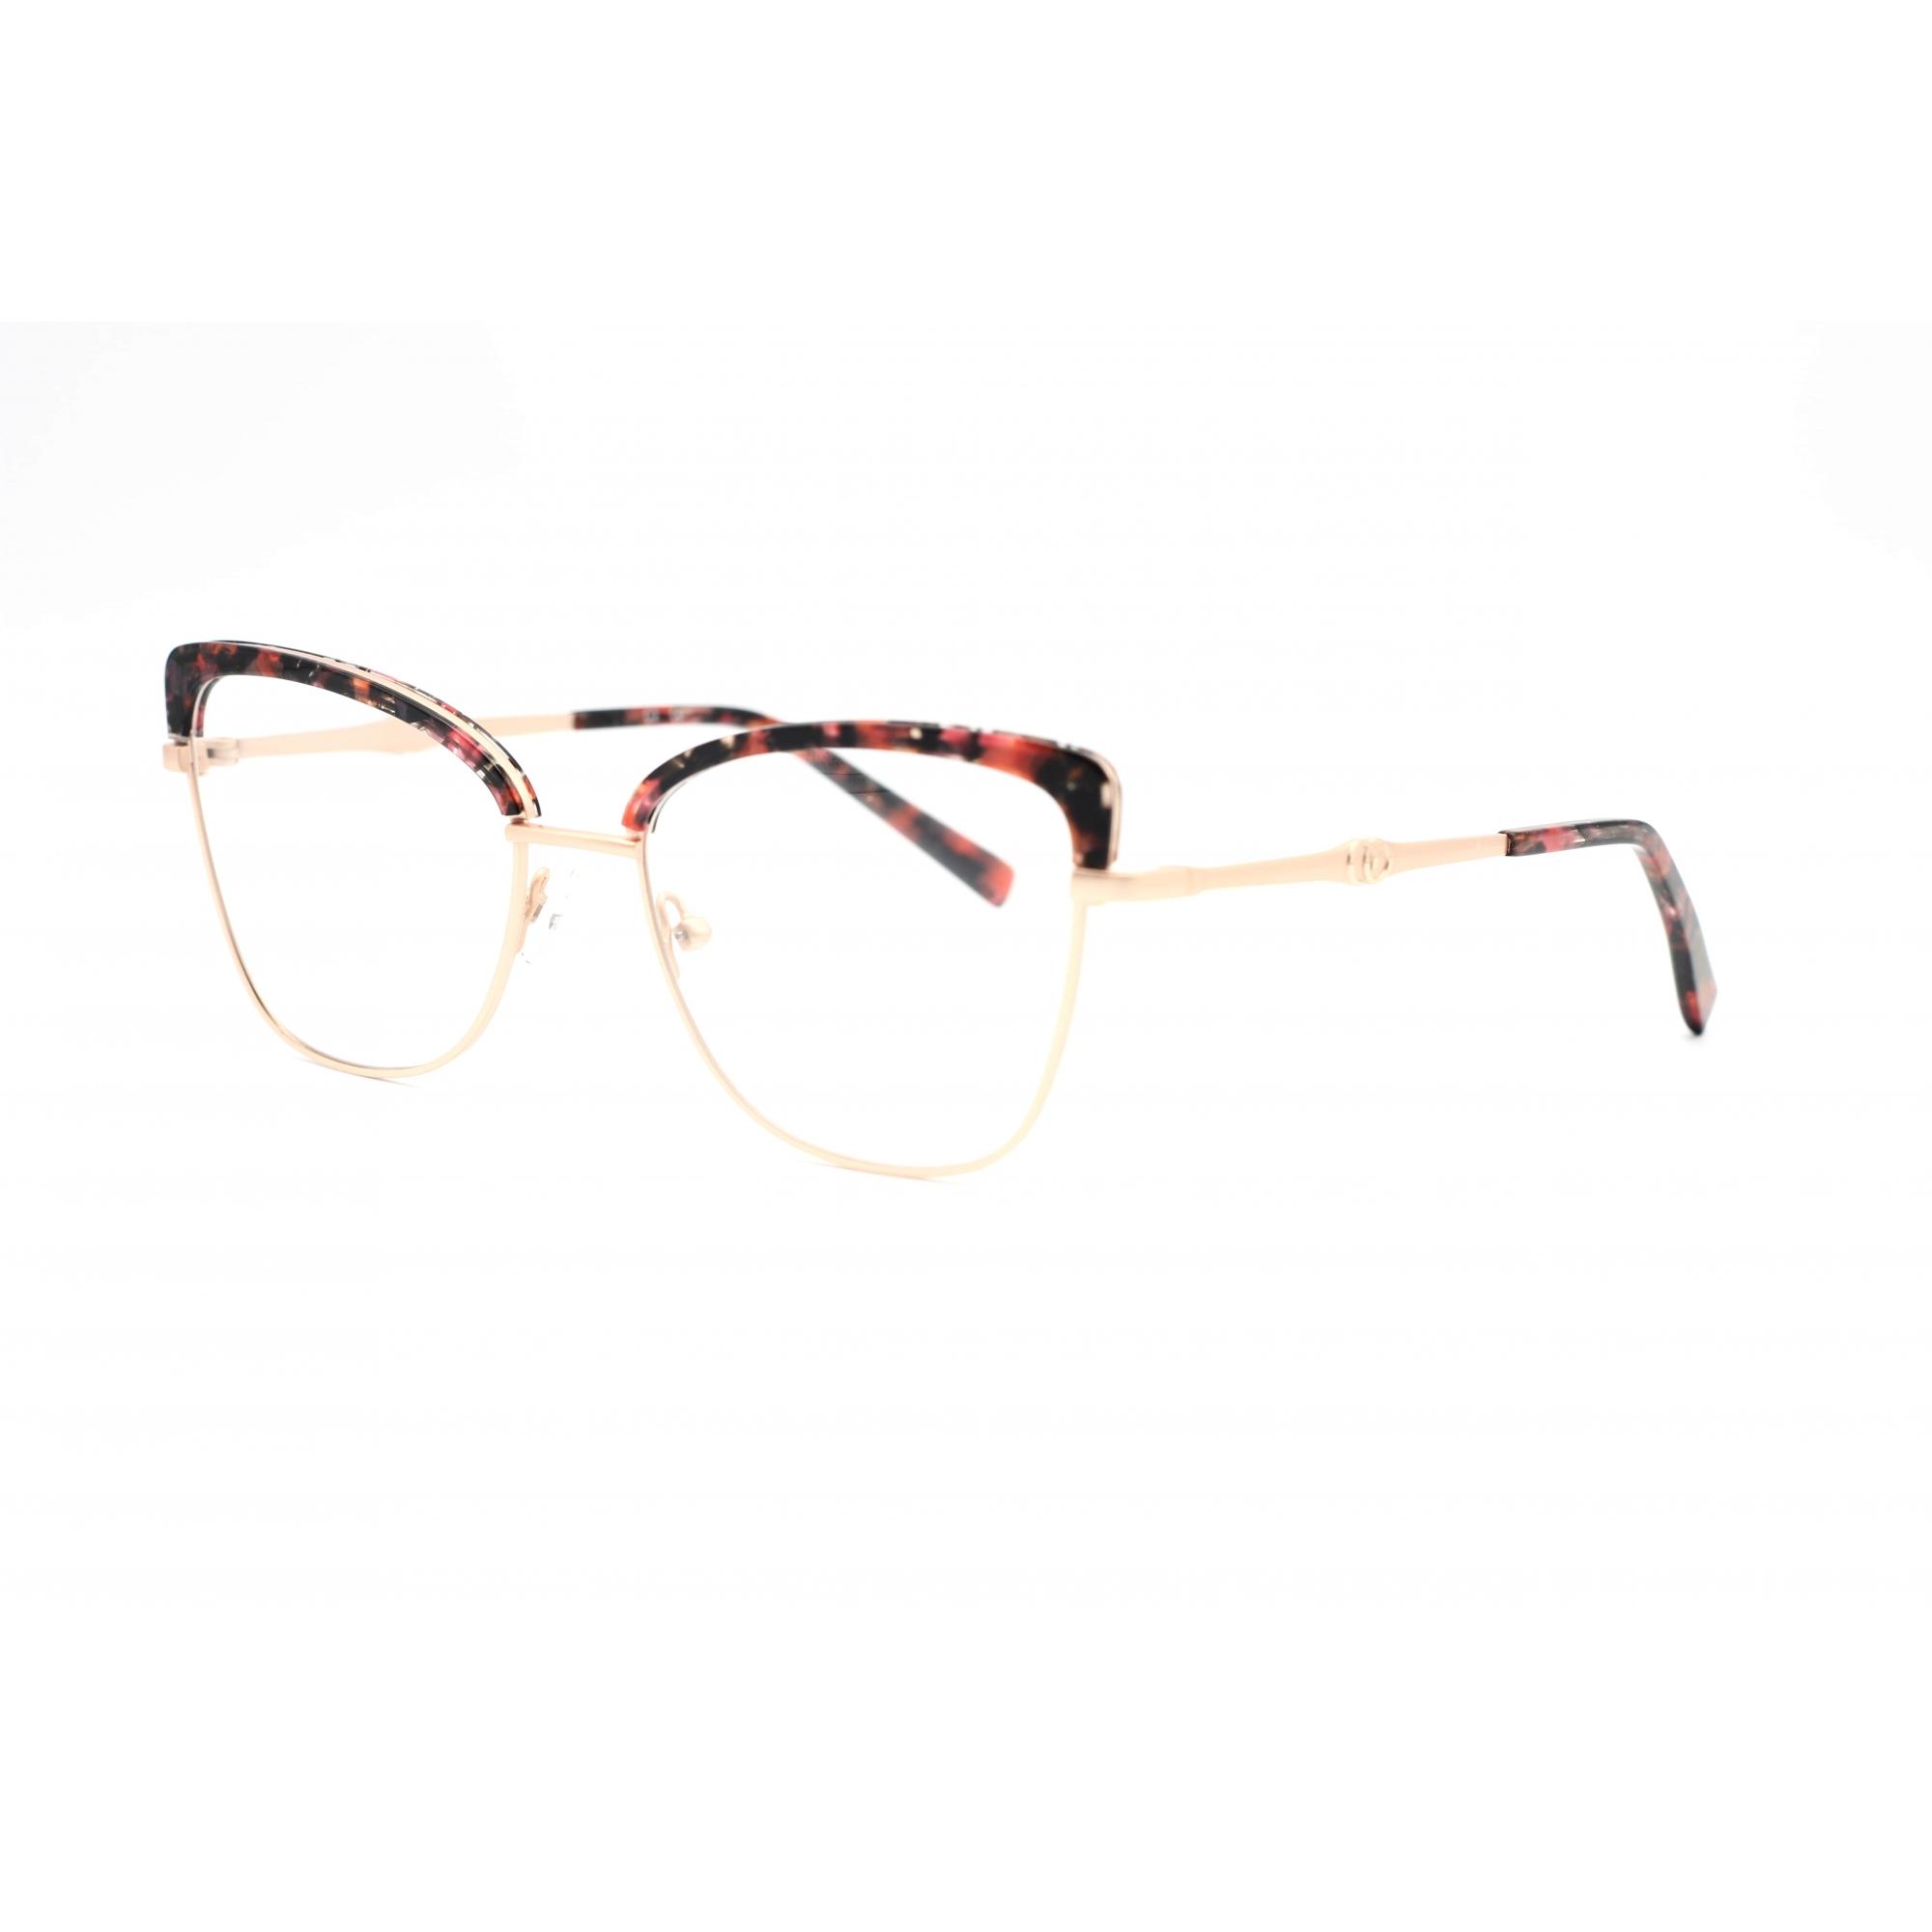 Armação para óculos Josefine